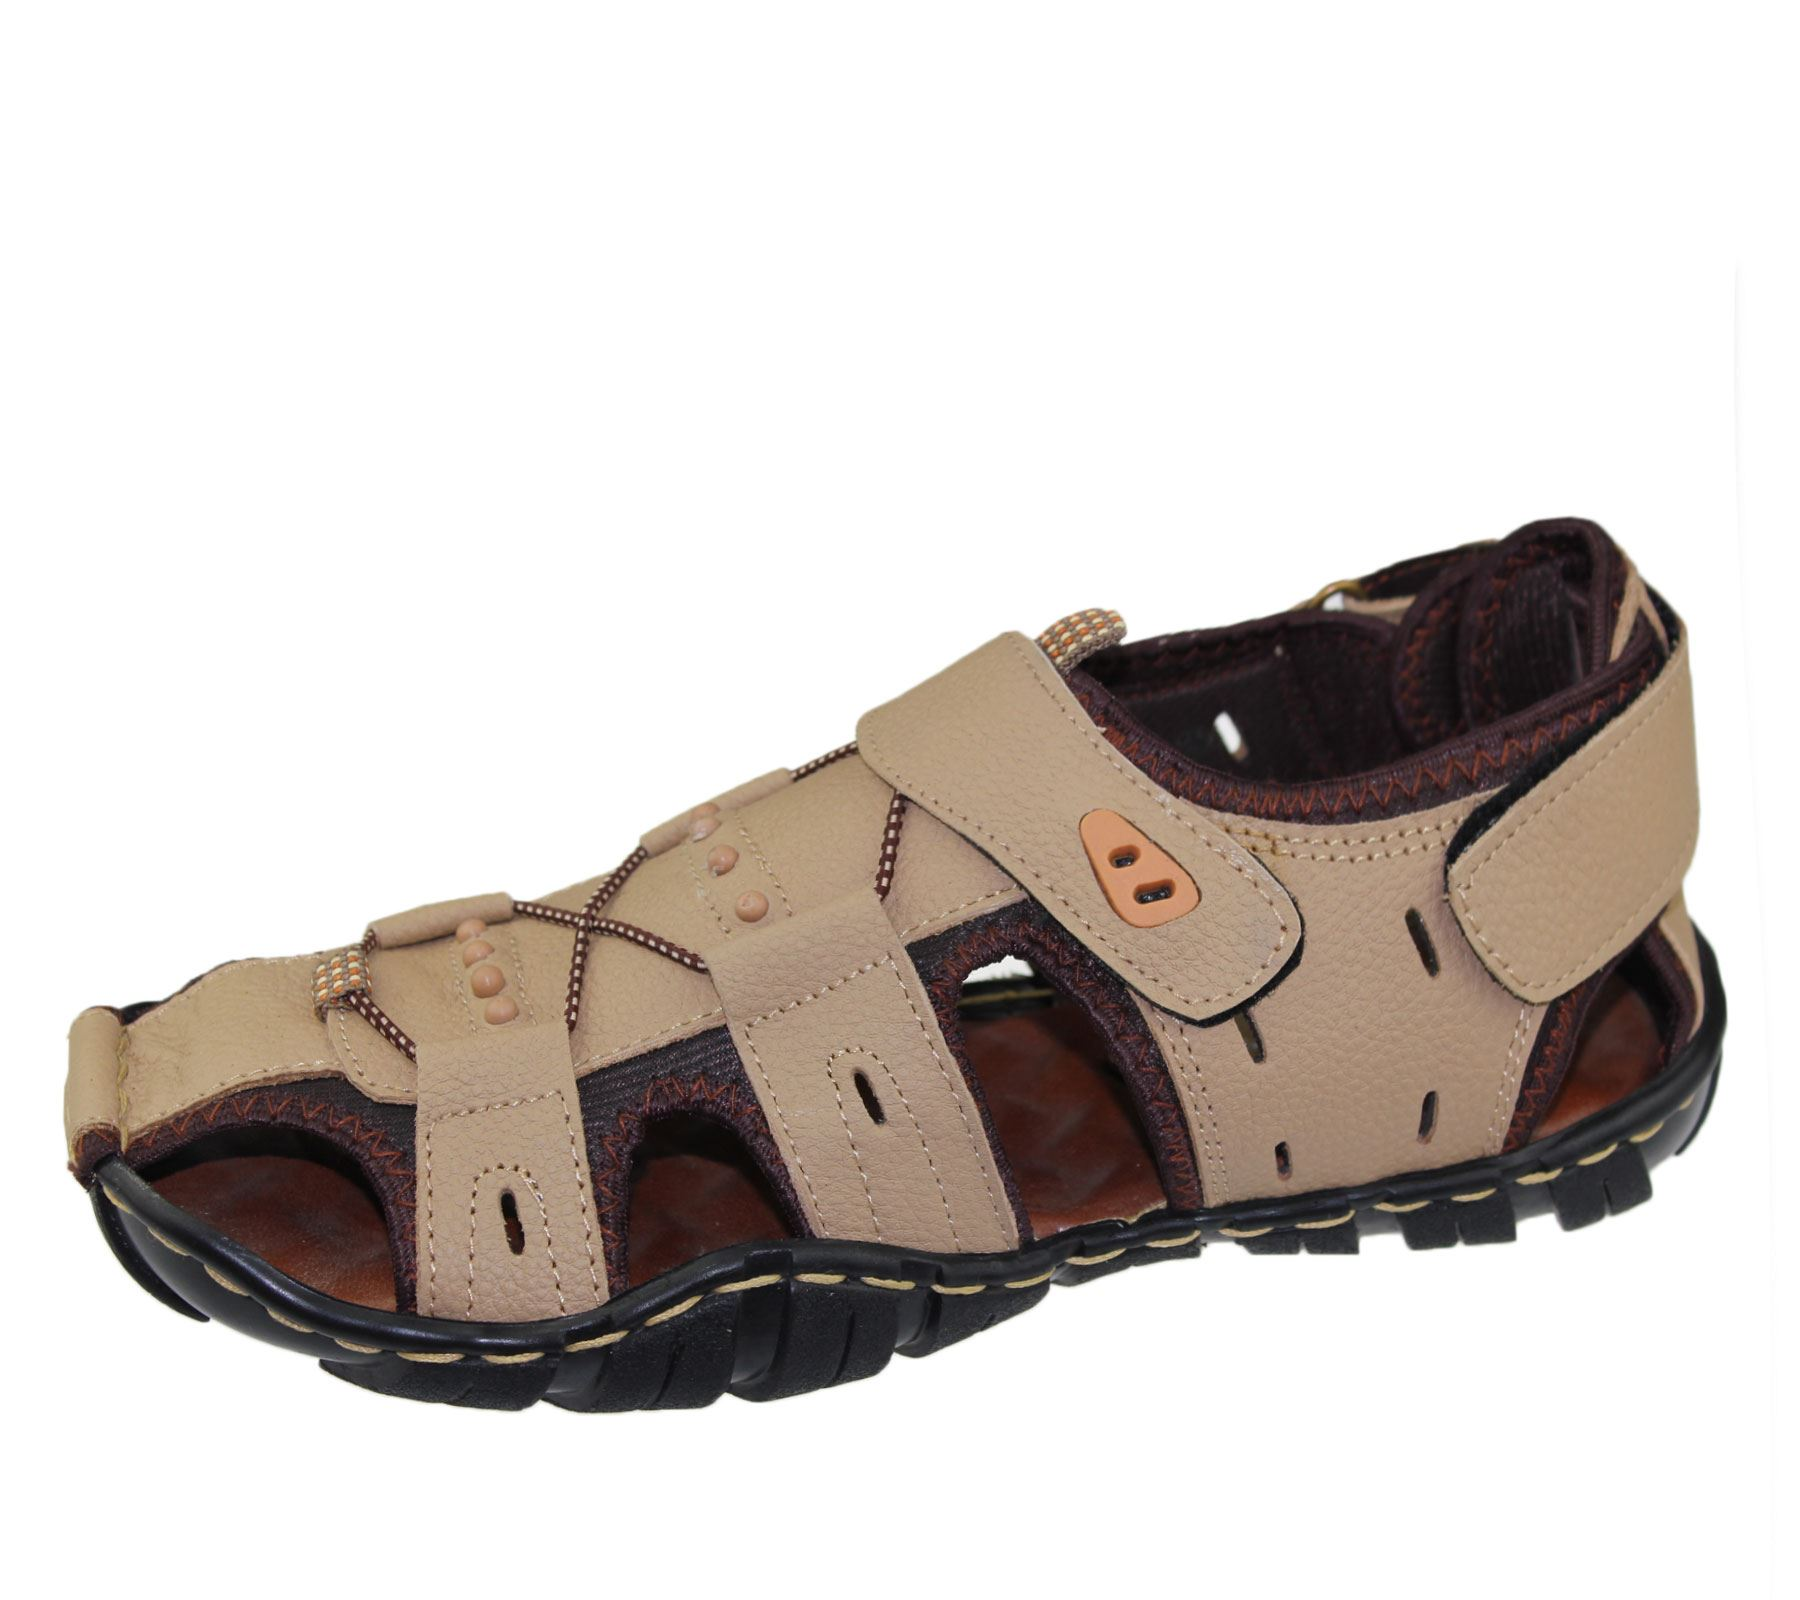 Mens-Sandal-Beach-Buckle-Walking-Fashion-Summer-Casual-Slipper miniatura 20